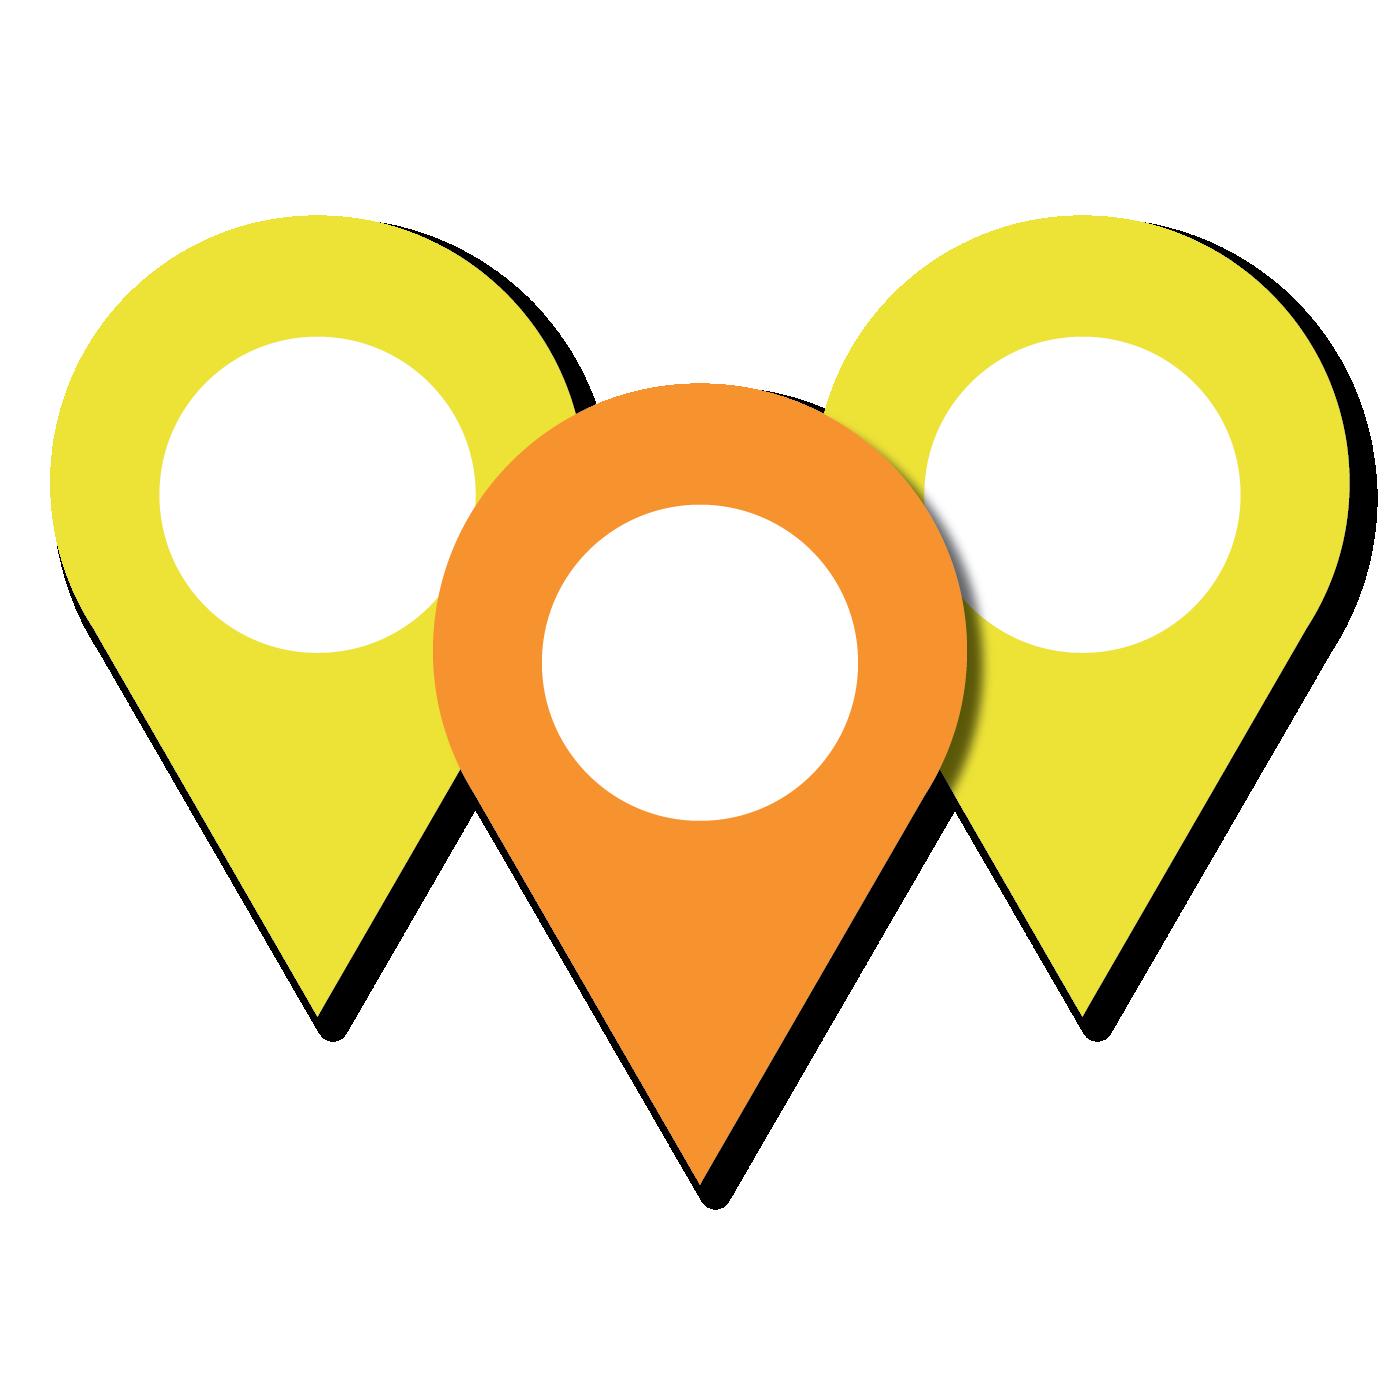 zipcode icon